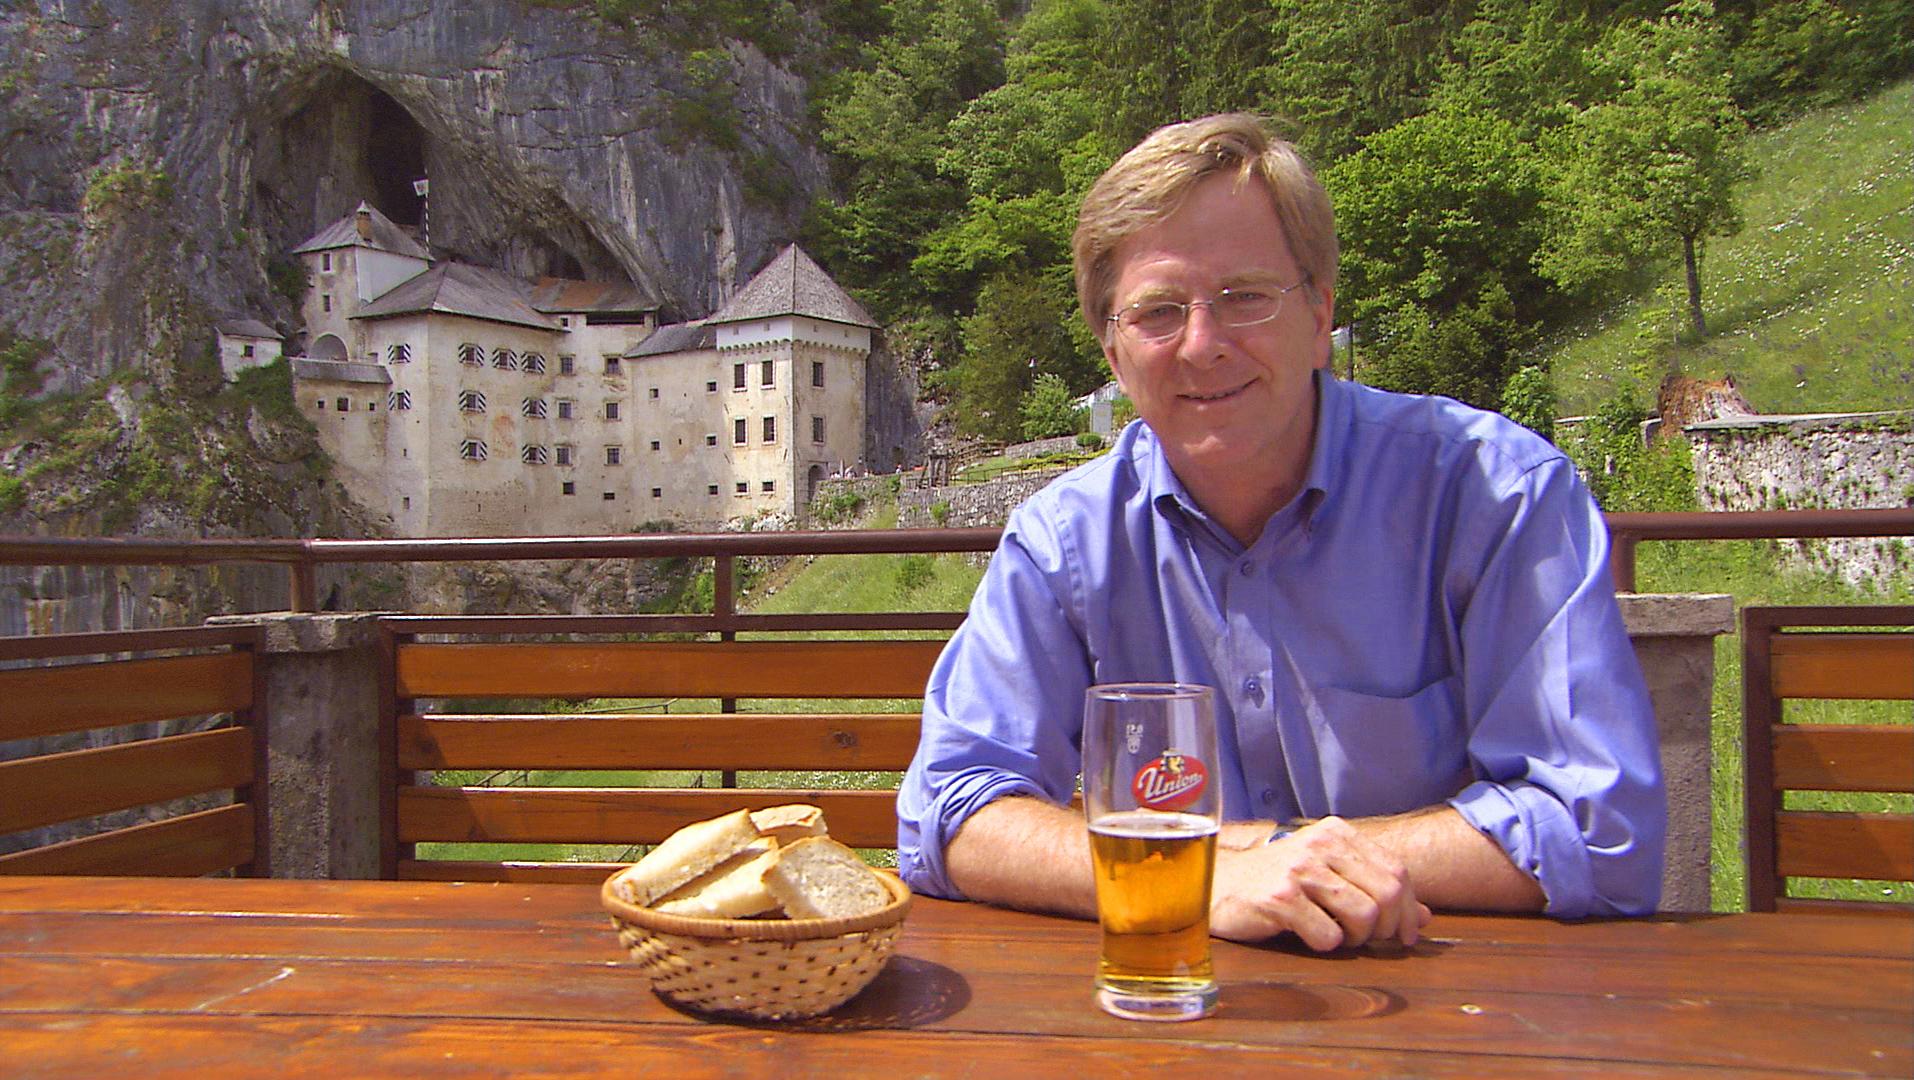 Rick Steves at the Predjama Castle in Slovenia